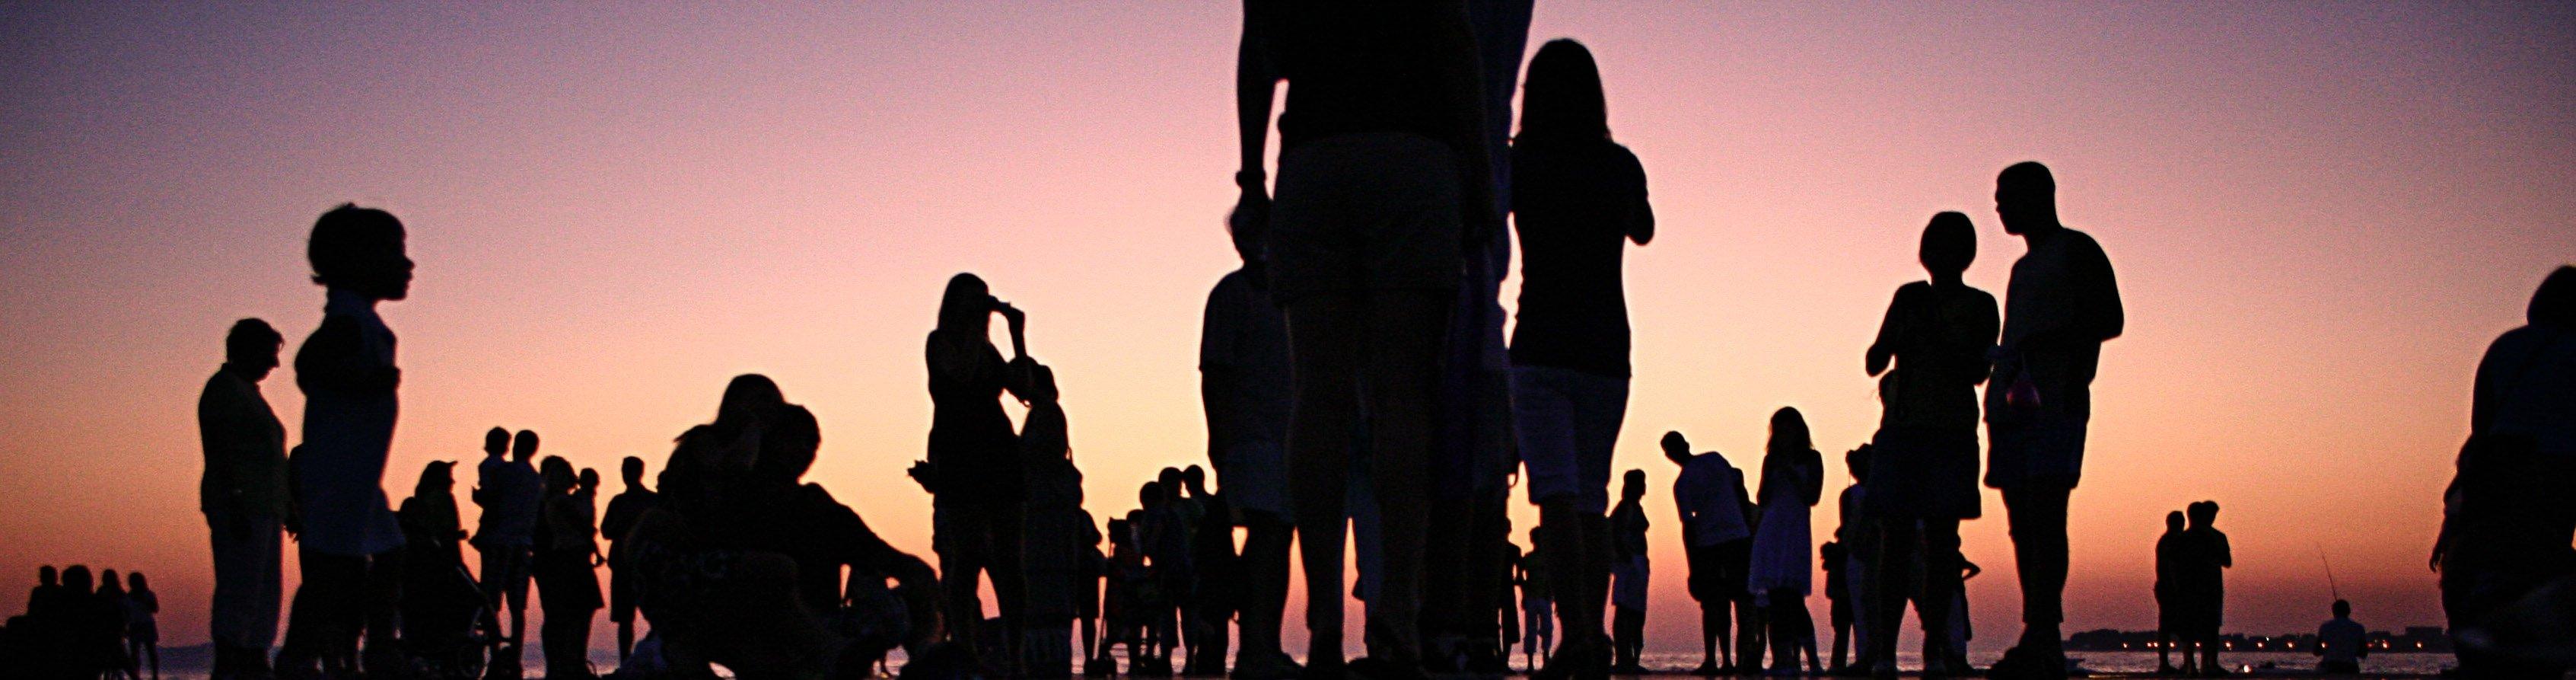 Sunset crowd - v2 banner